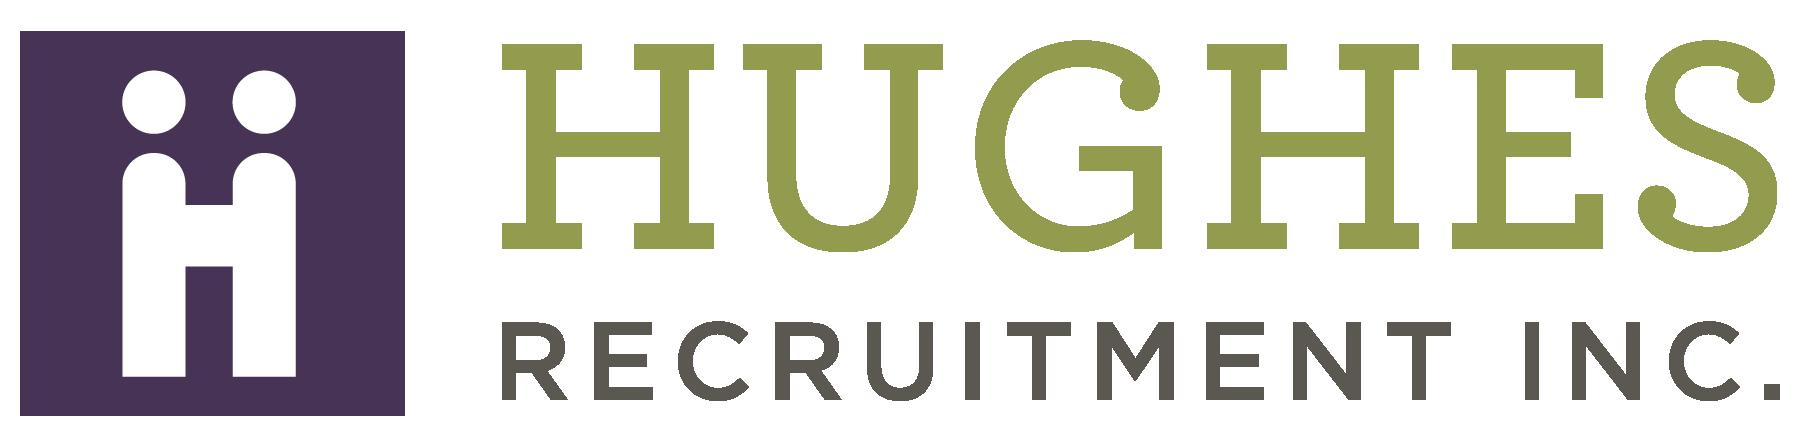 Hughes Recruitment Inc.